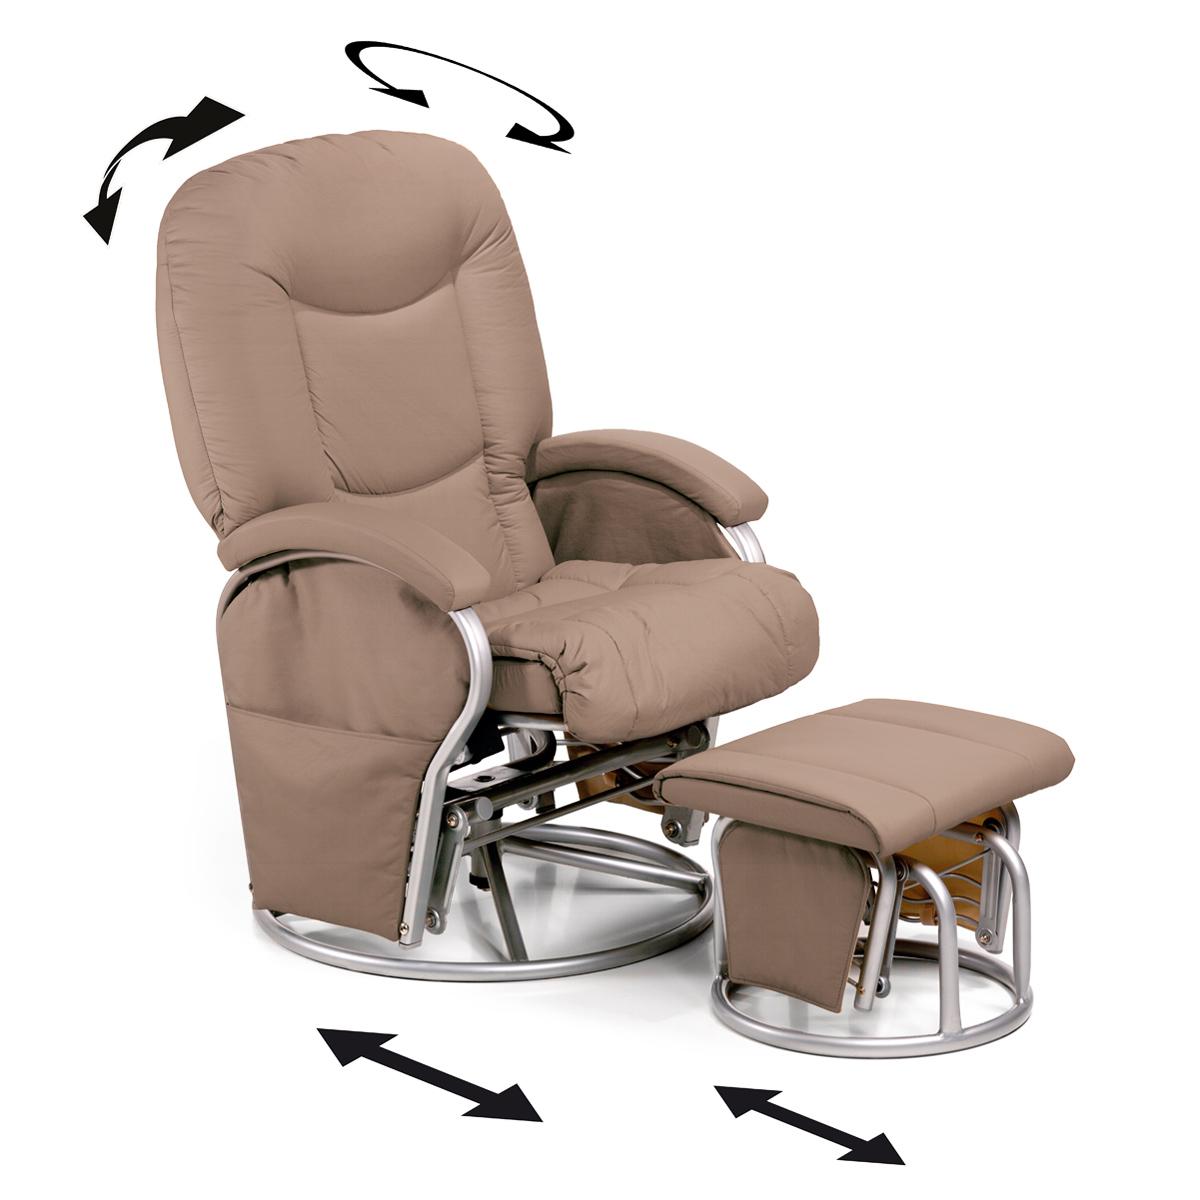 fauteuil d 39 allaitement hauck metal glider creme fauteuil de relaxation d 39 allaitement. Black Bedroom Furniture Sets. Home Design Ideas